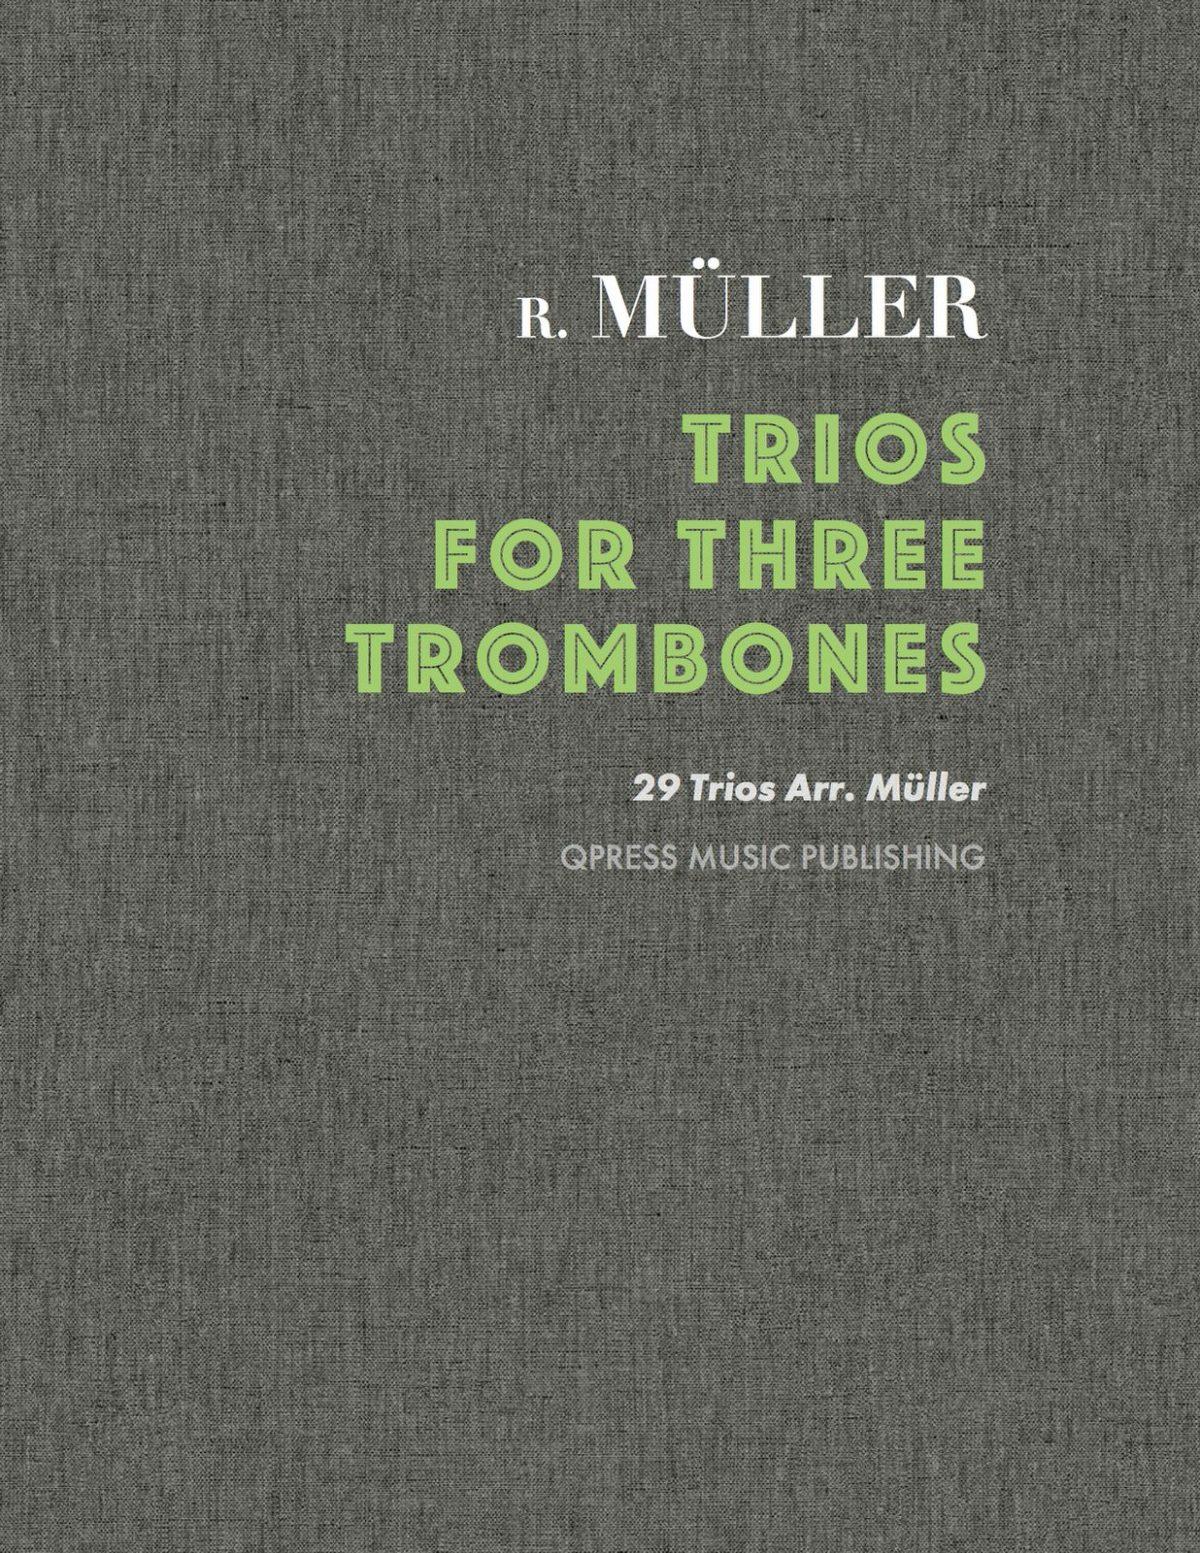 Muller, trios for 3 trombones-p1